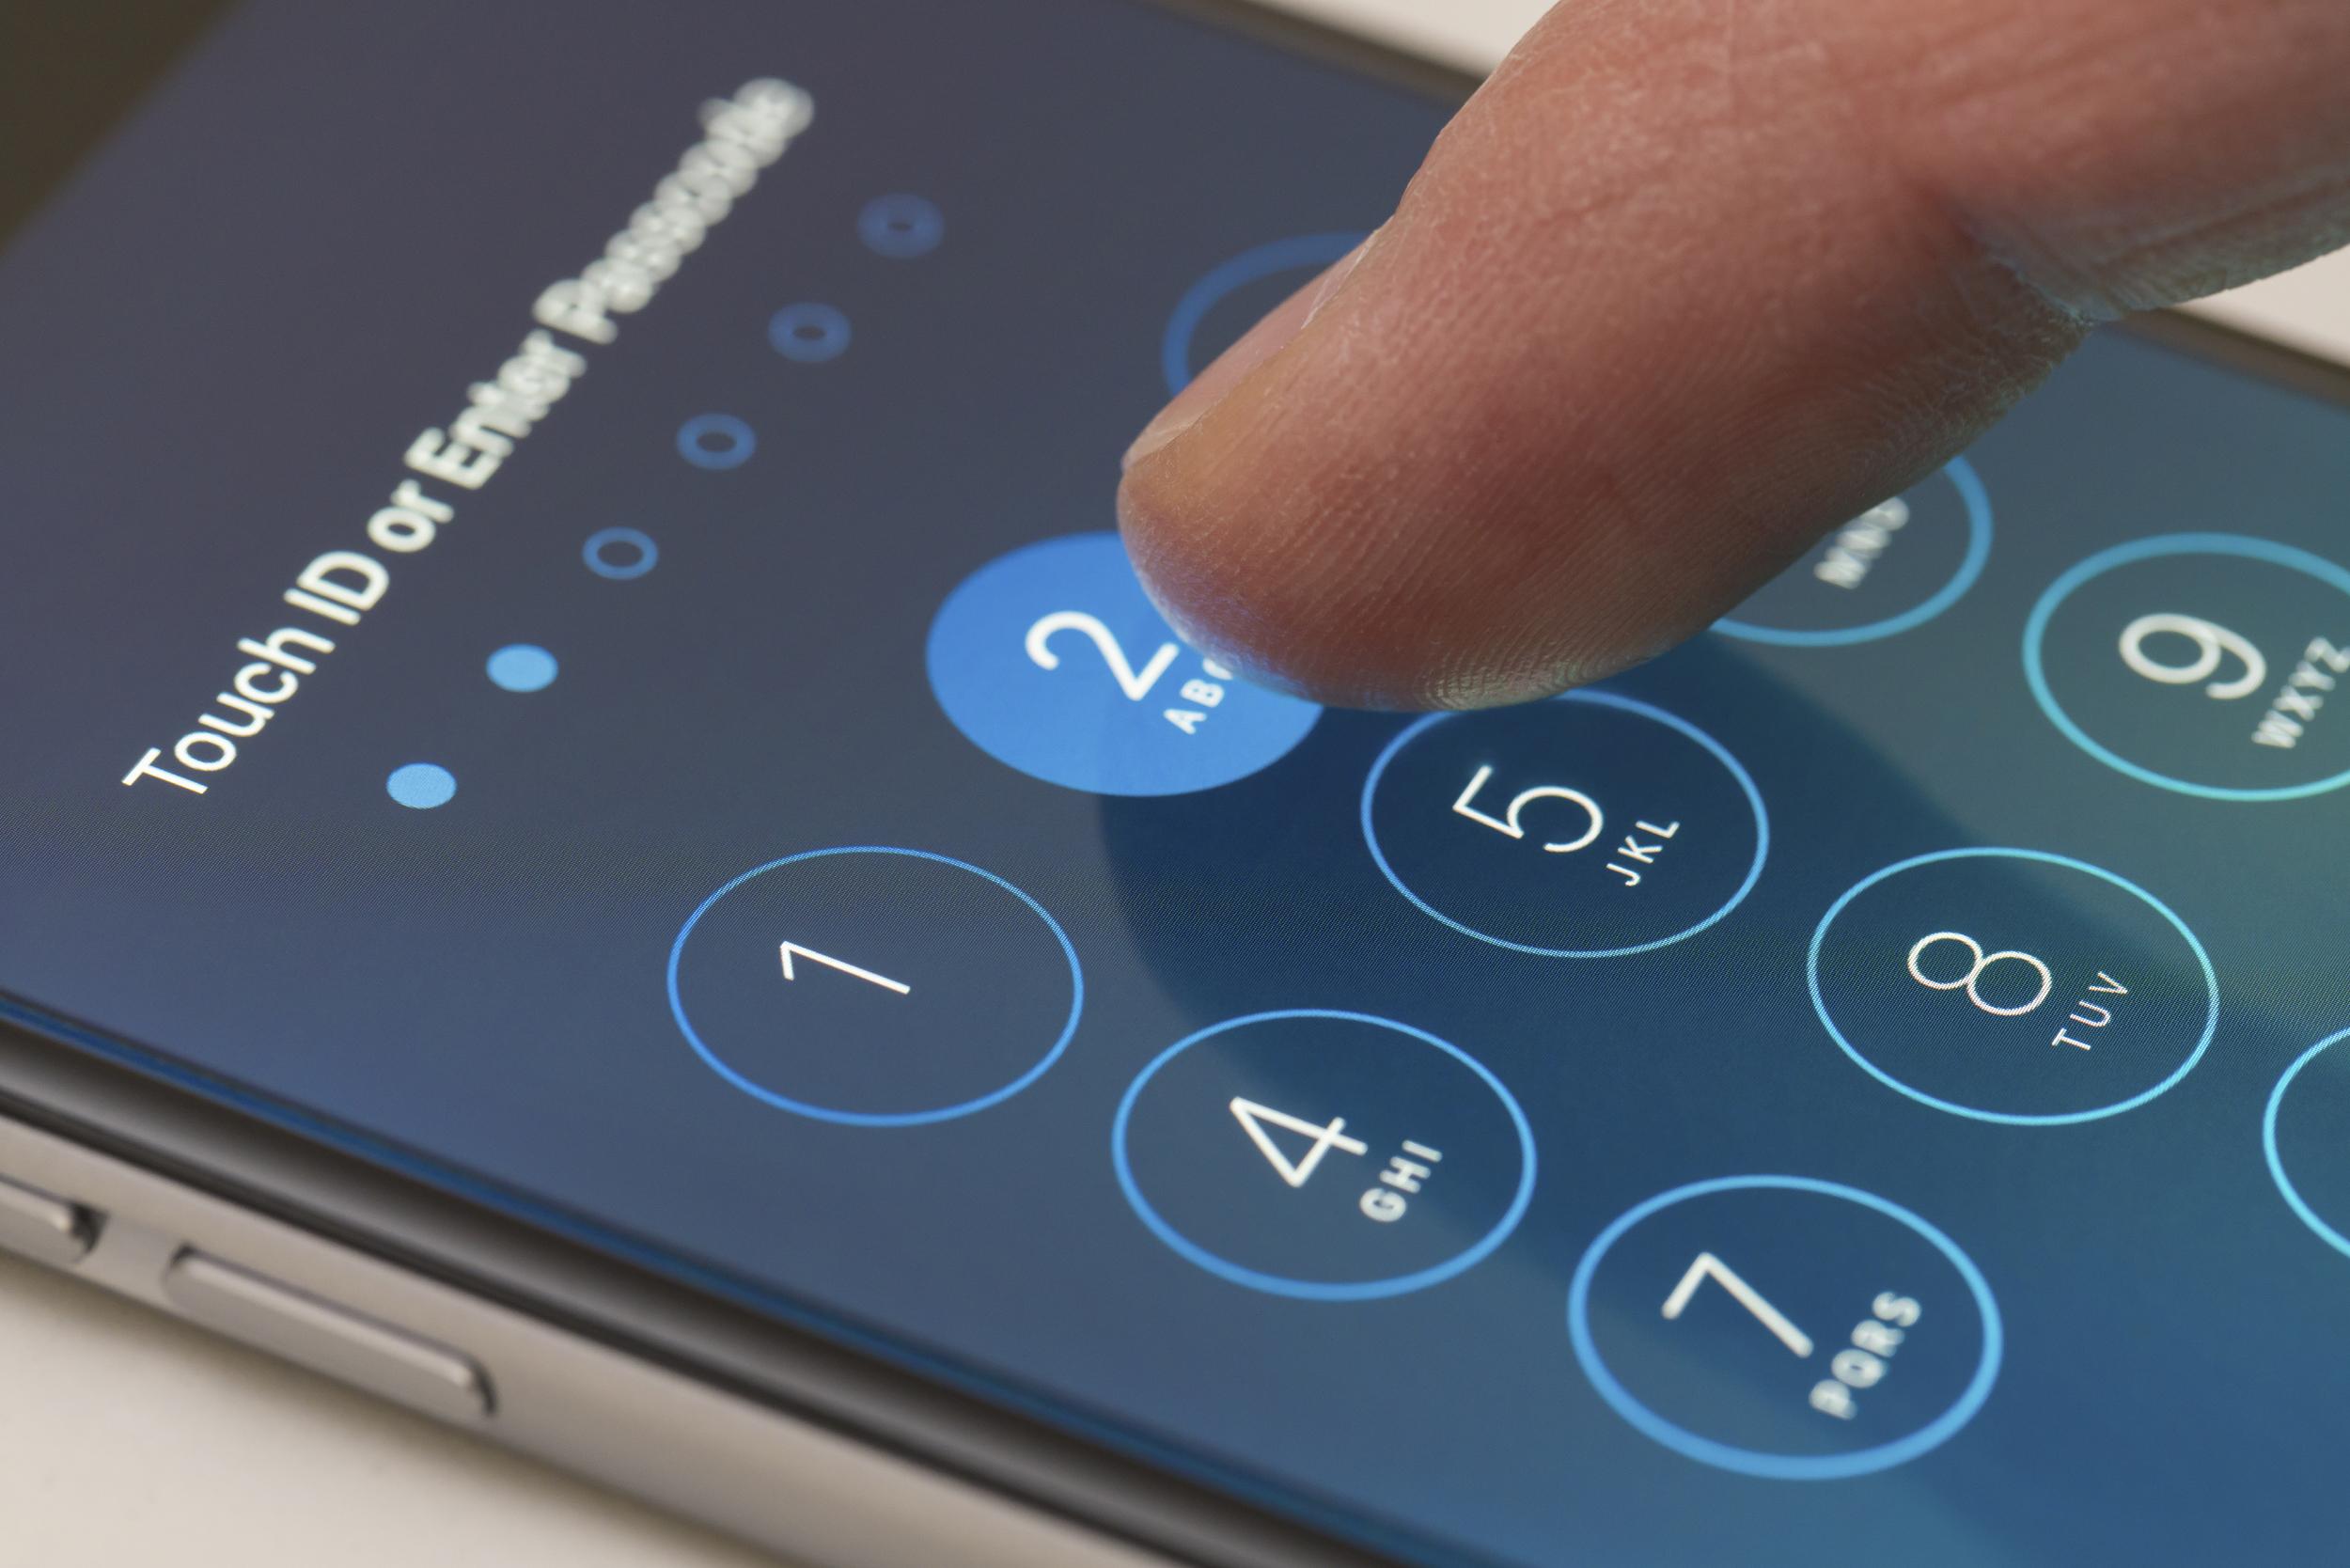 Enter passcode screen of an iPhone running iOS 9